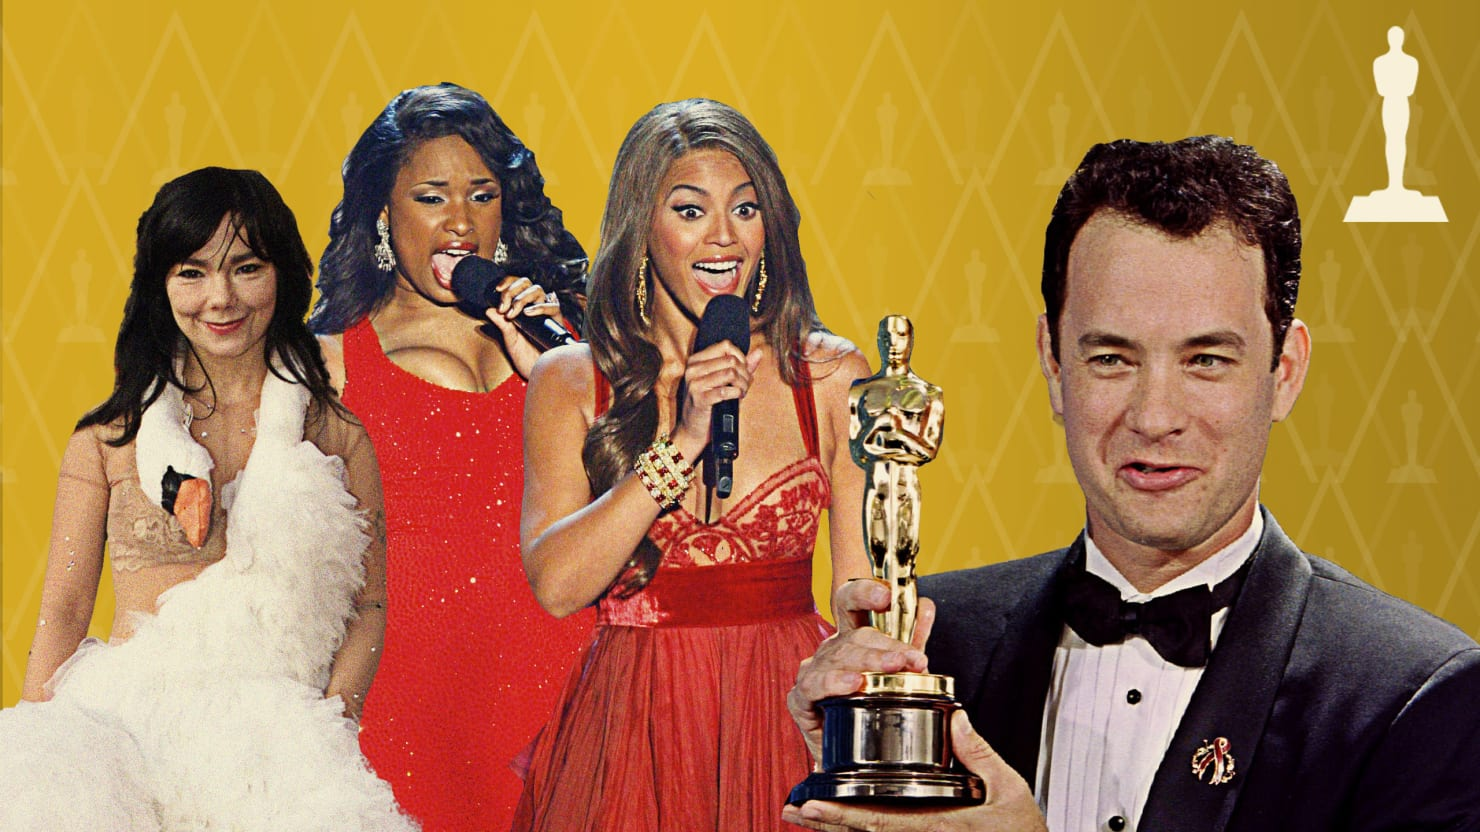 Oscars 2008: The speeches